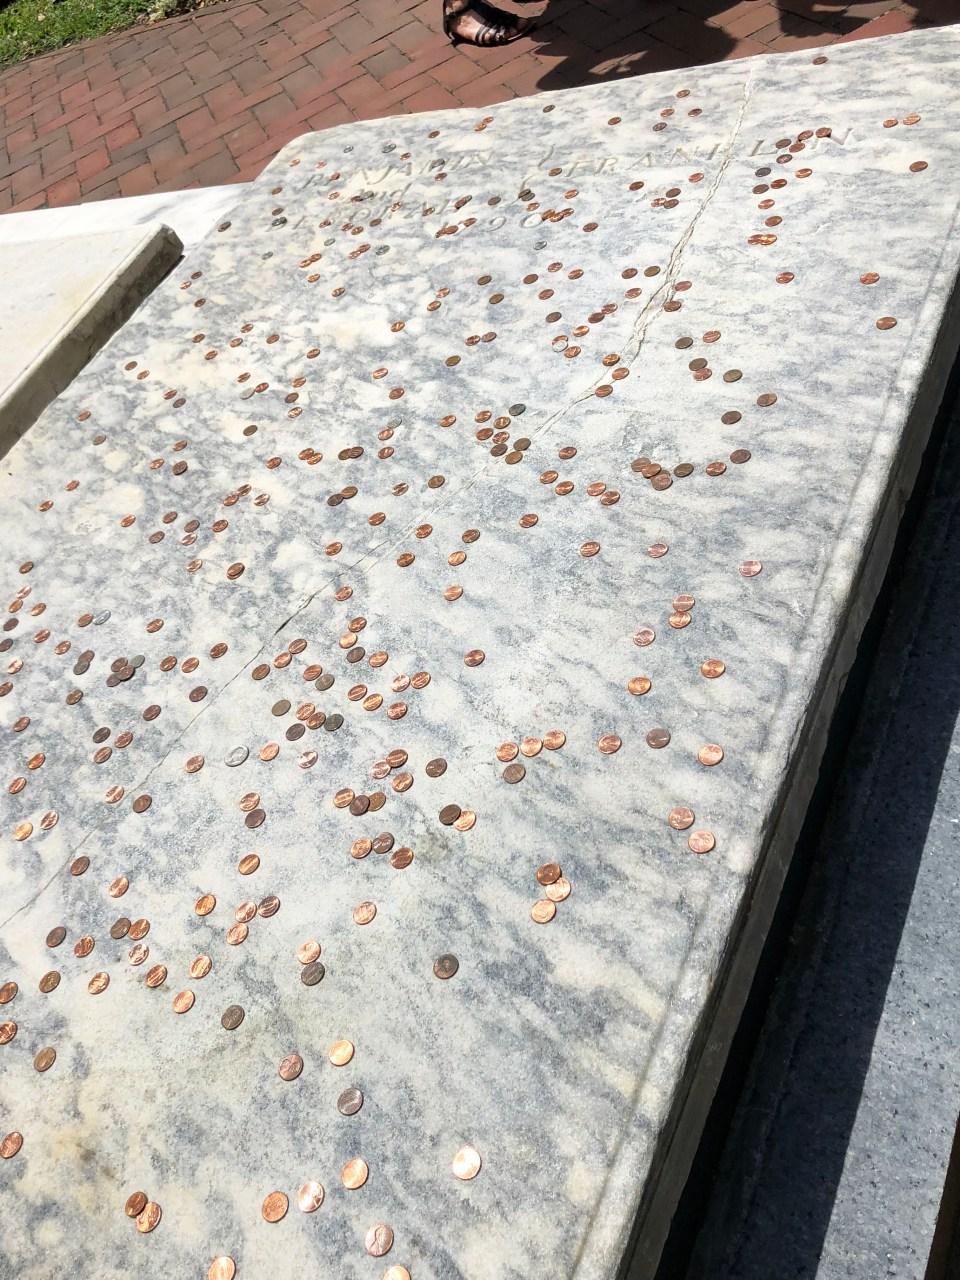 Benjamin Franklin's Grave